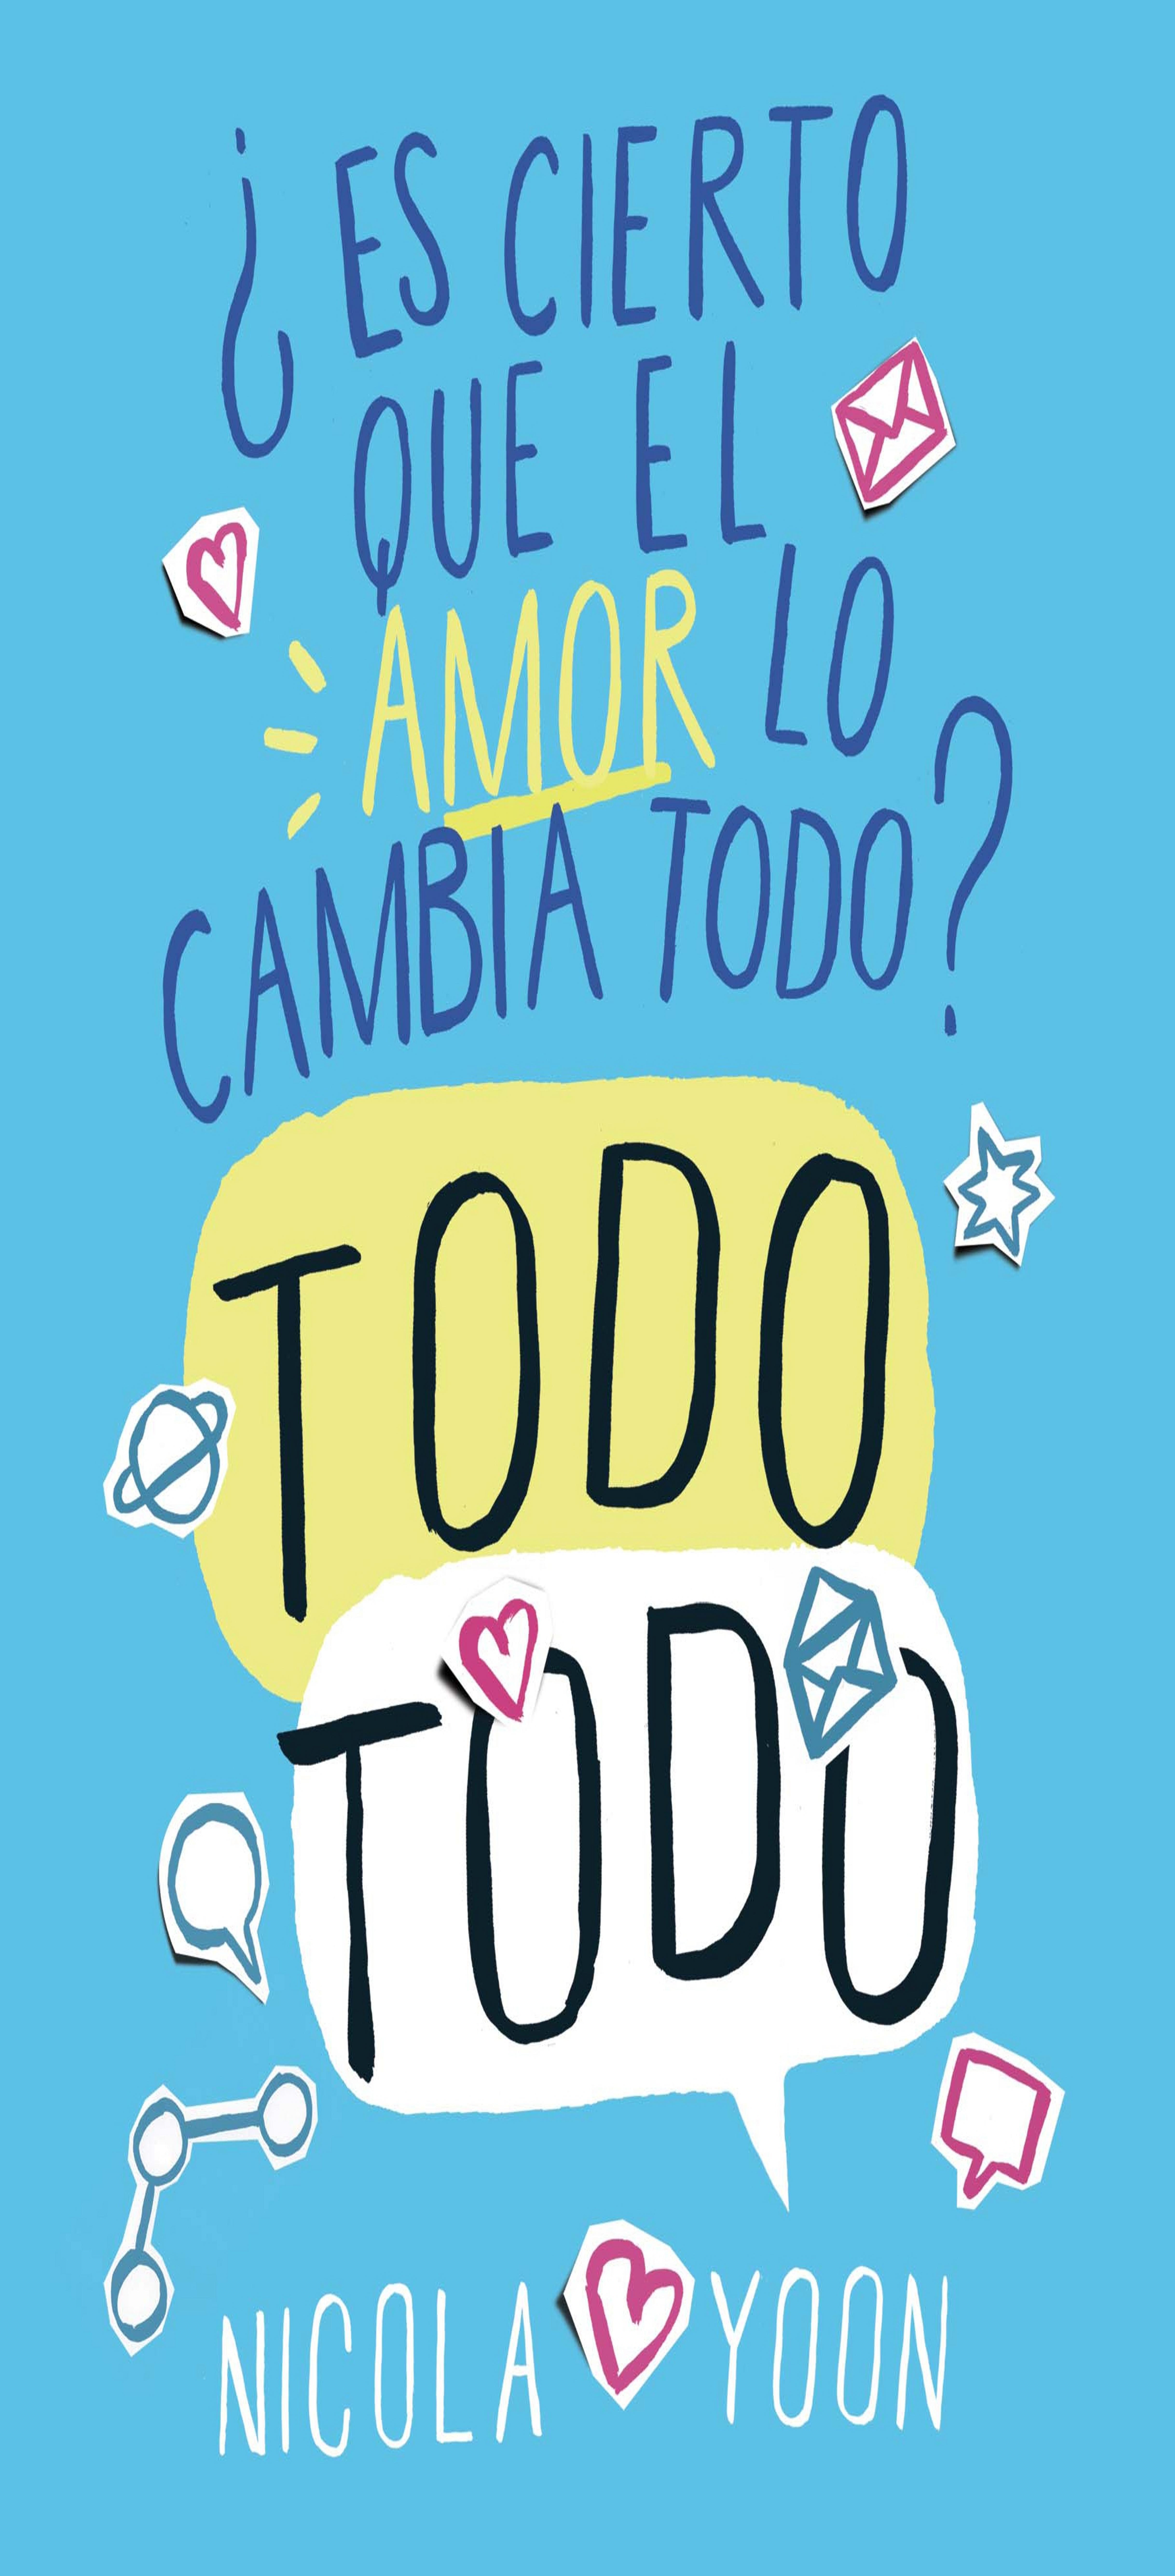 ¿ES CIERTO QUE EL AMOR LO CAMBIA TODO? TODO , TODO